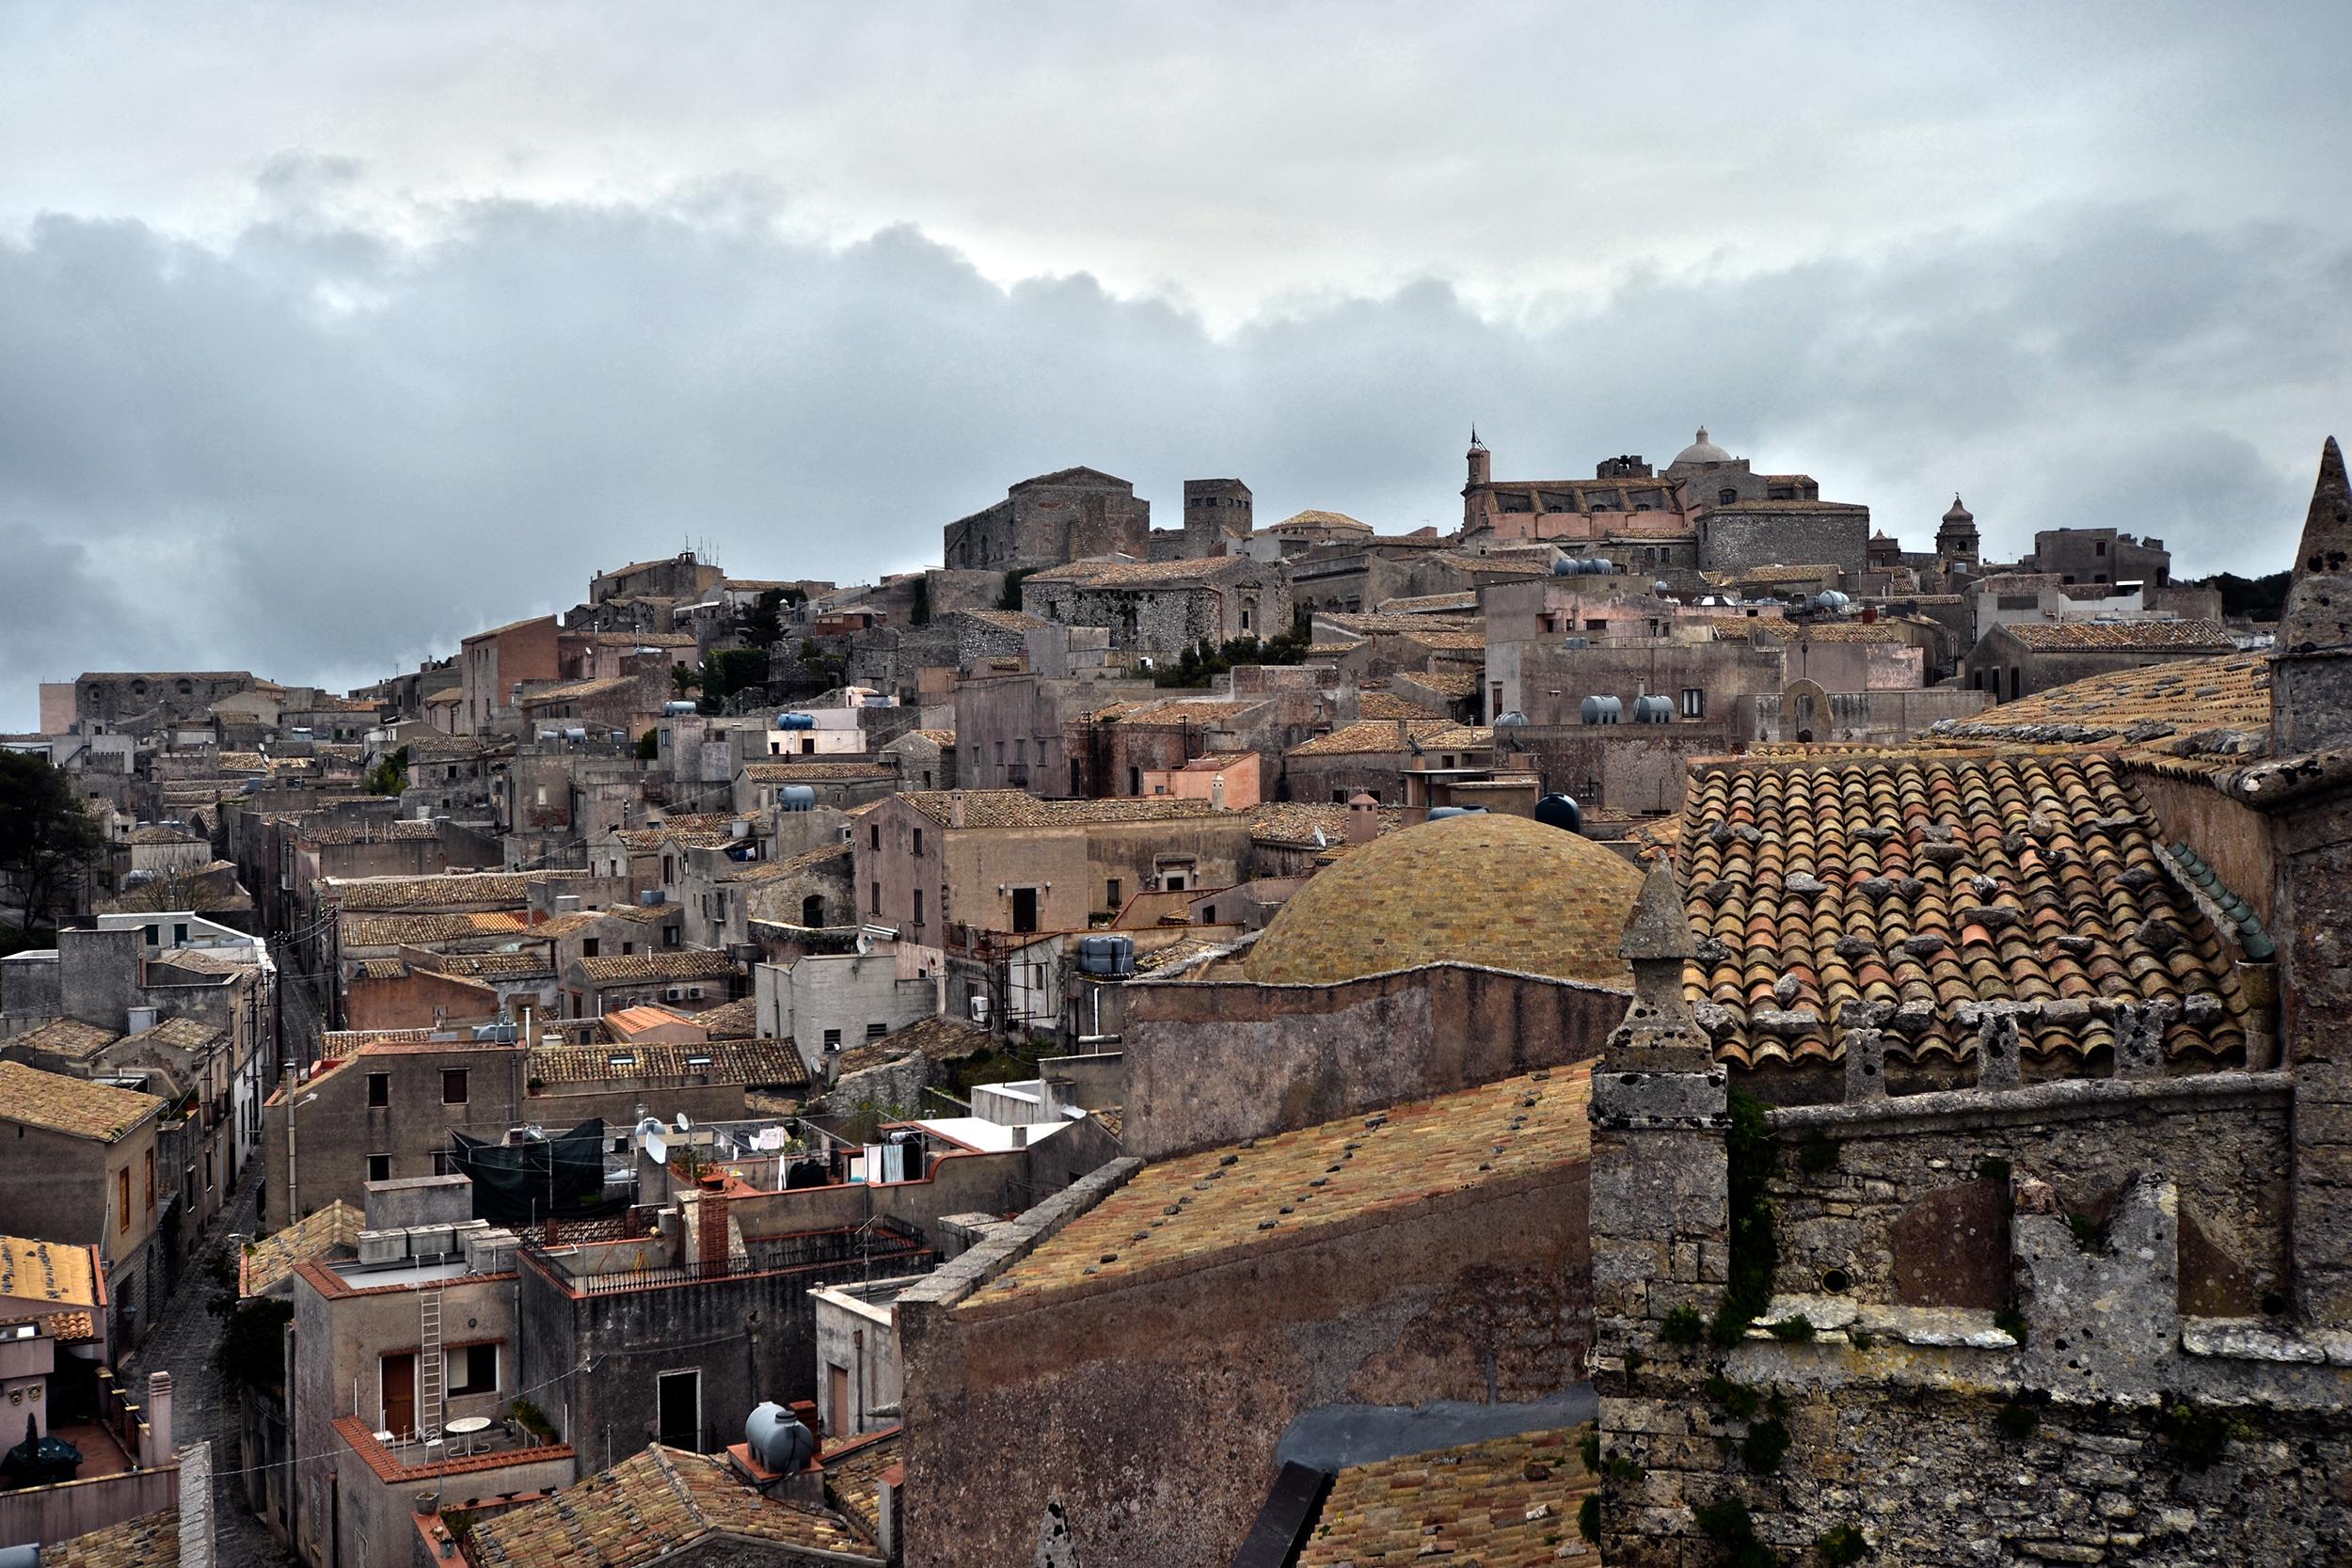 デスクトップ壁紙 空 史跡 タウン 古代の歴史 村 シティ 遺跡